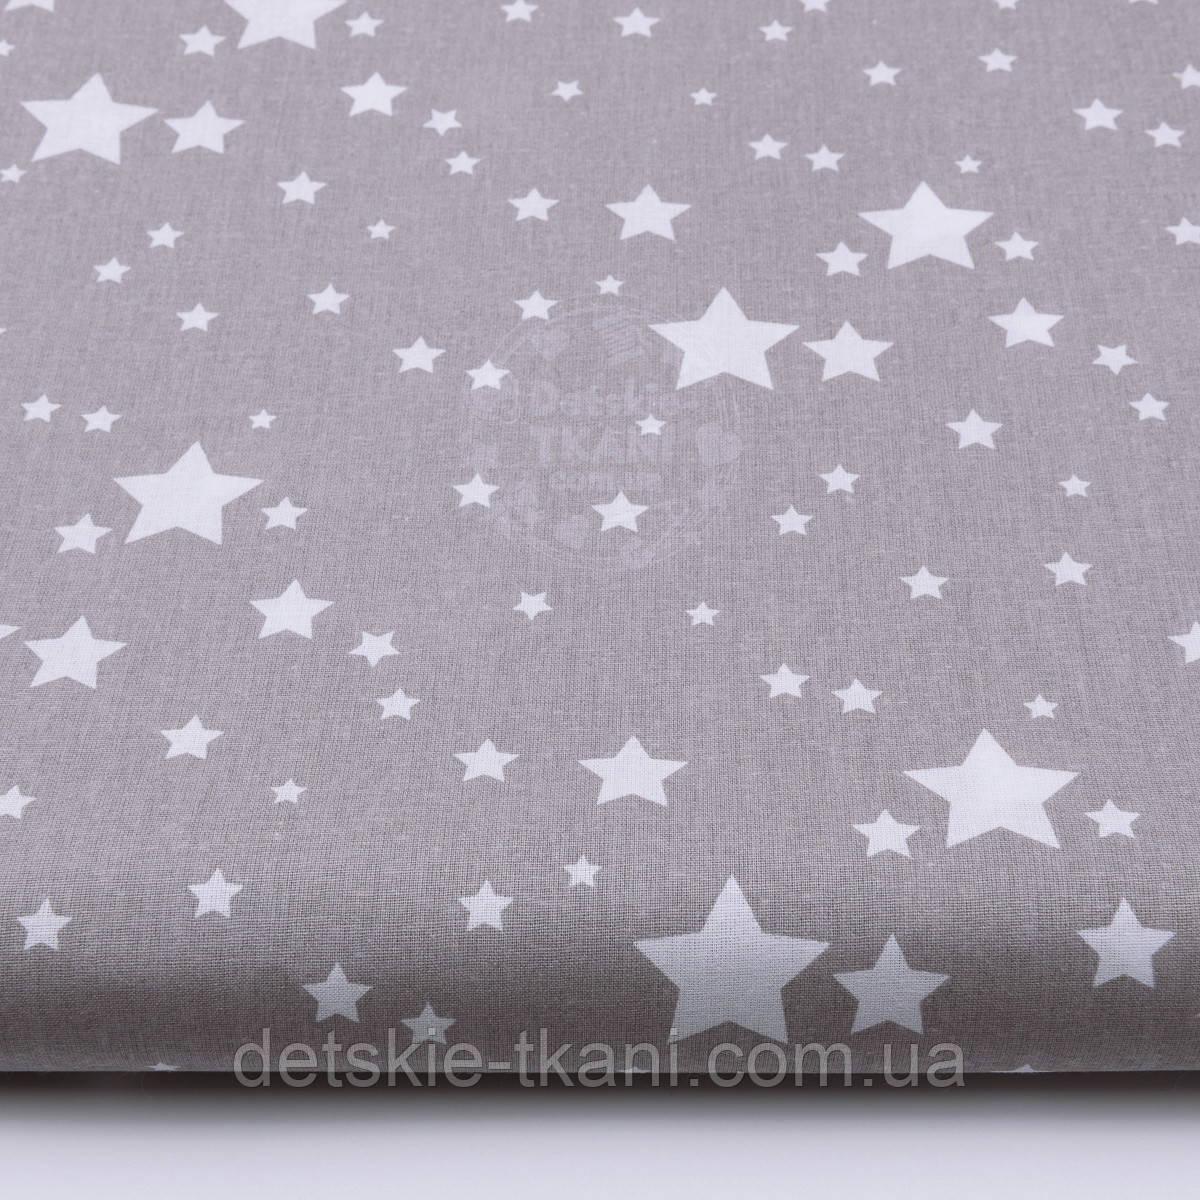 """Тканина бавовняна """"Міні галактика"""" біла на сірому фоні (№ 1459)"""